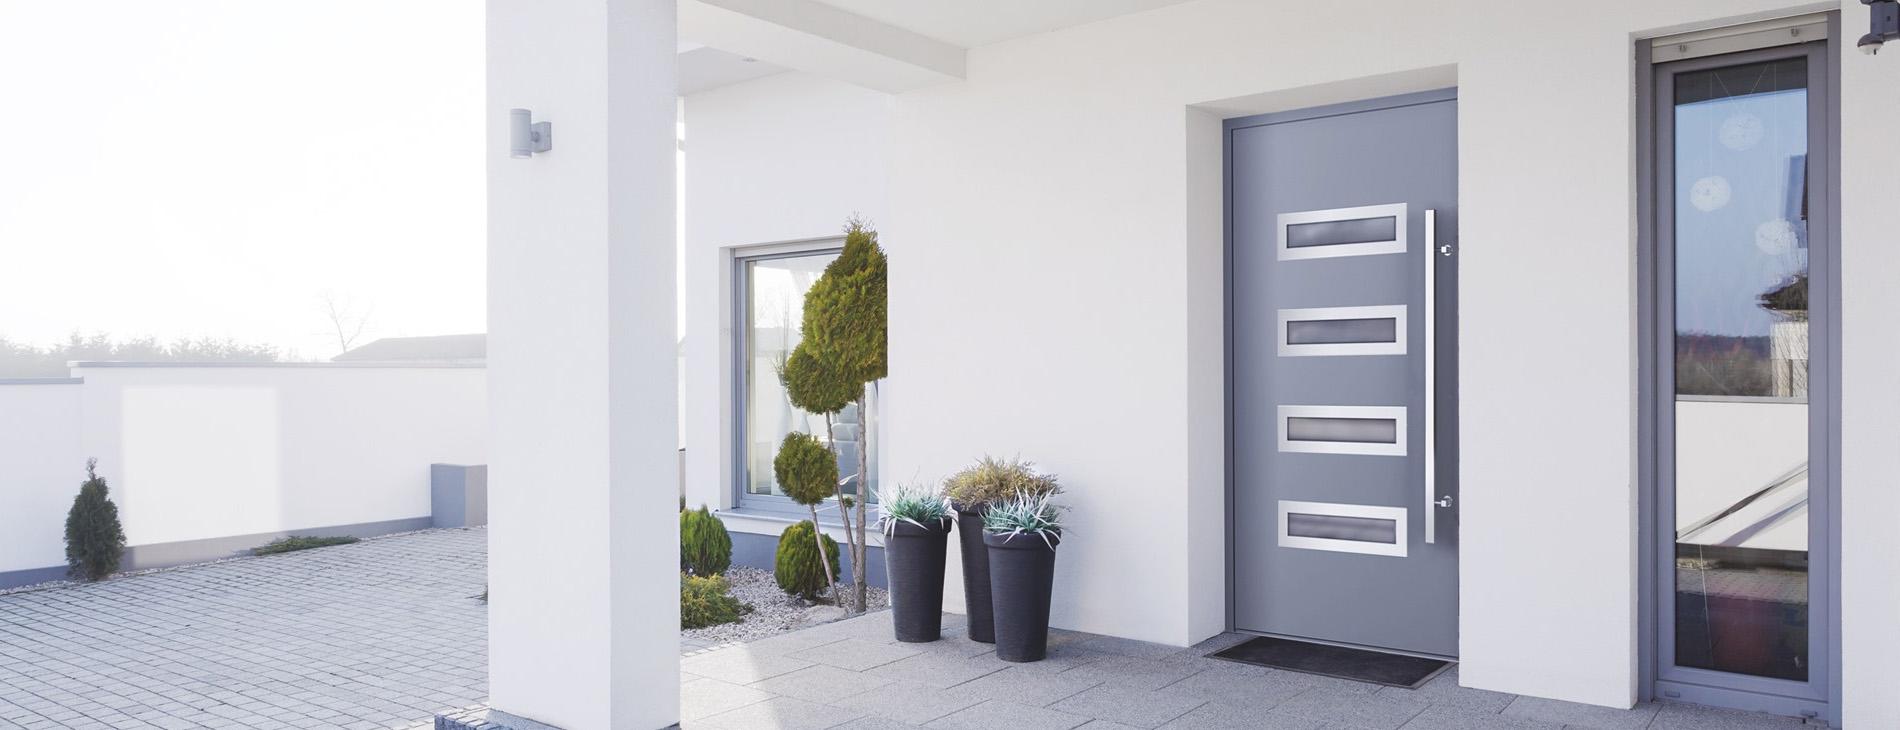 https://domadeco.ca/doors/external-single-doors.html